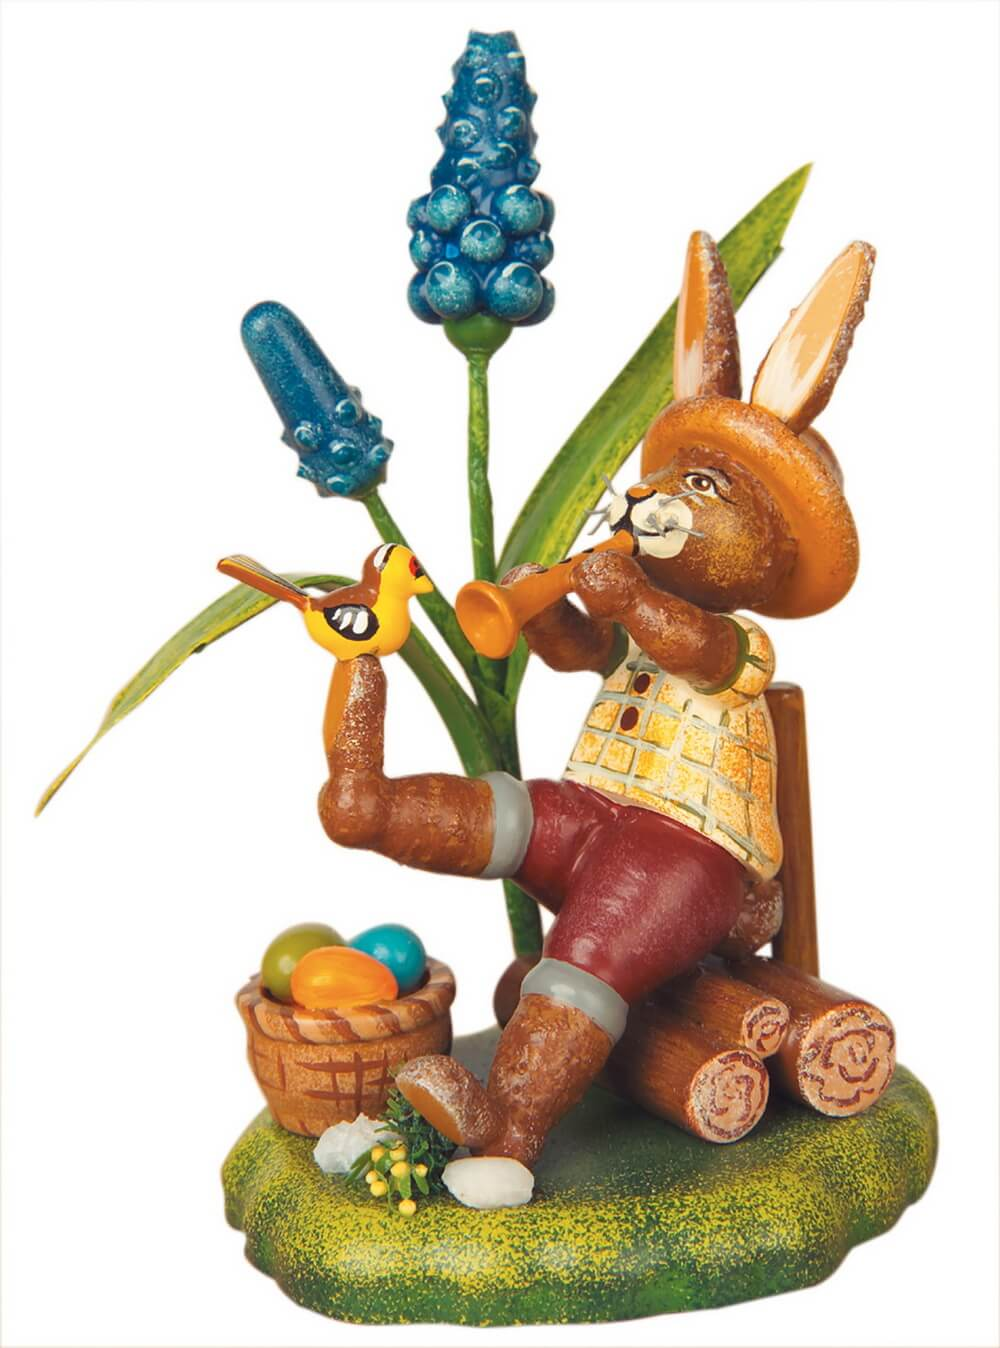 Osterhase aus Holz spielt Flöte in seinem Garten von Hubrig